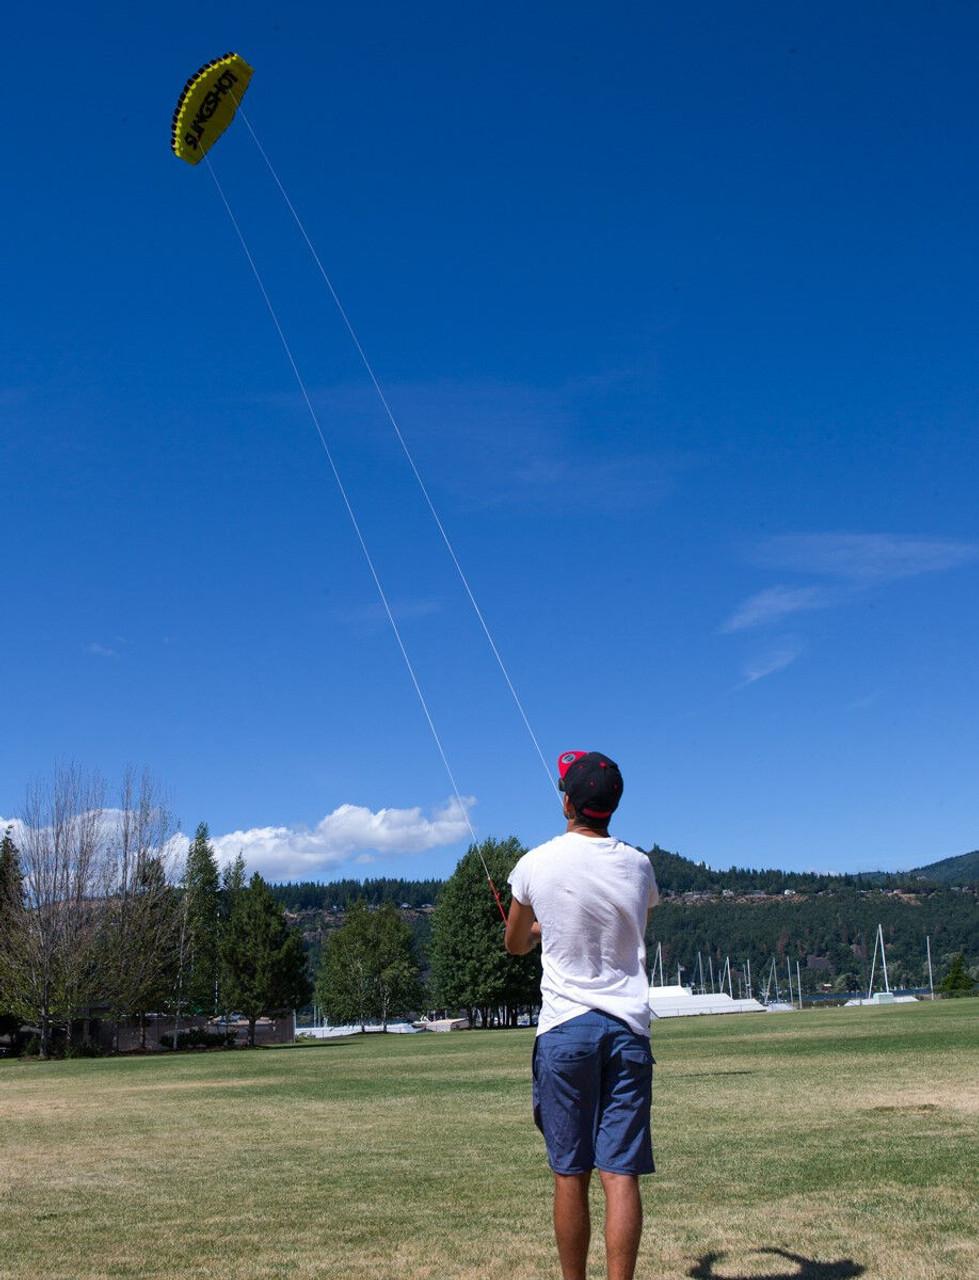 B2 Trainer Kite